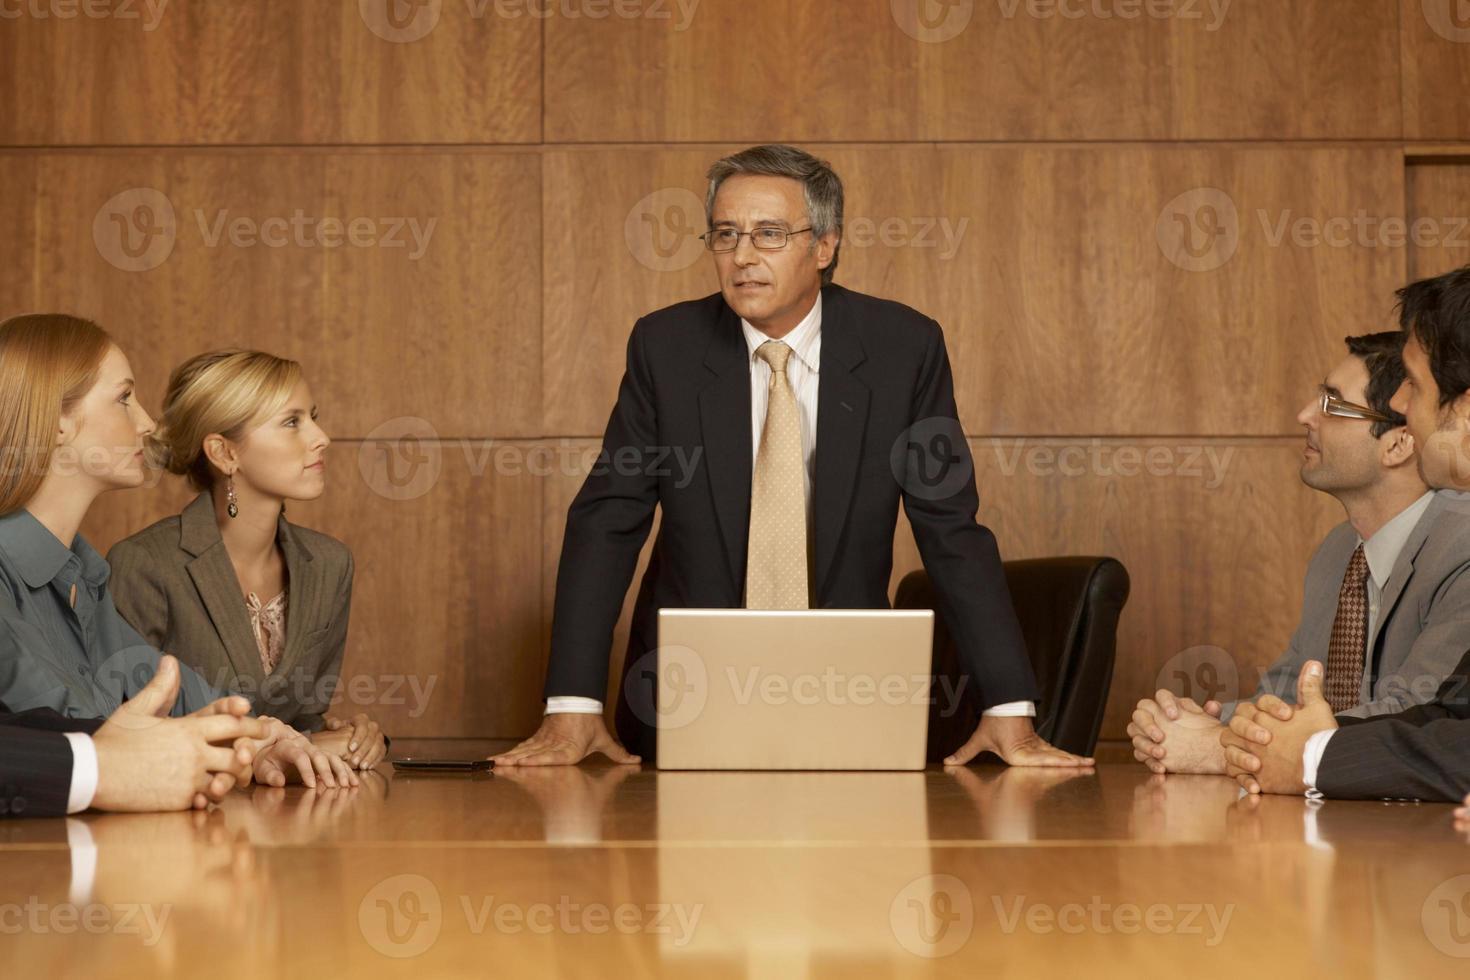 groupe de dirigeants d'entreprise lors d'une réunion photo